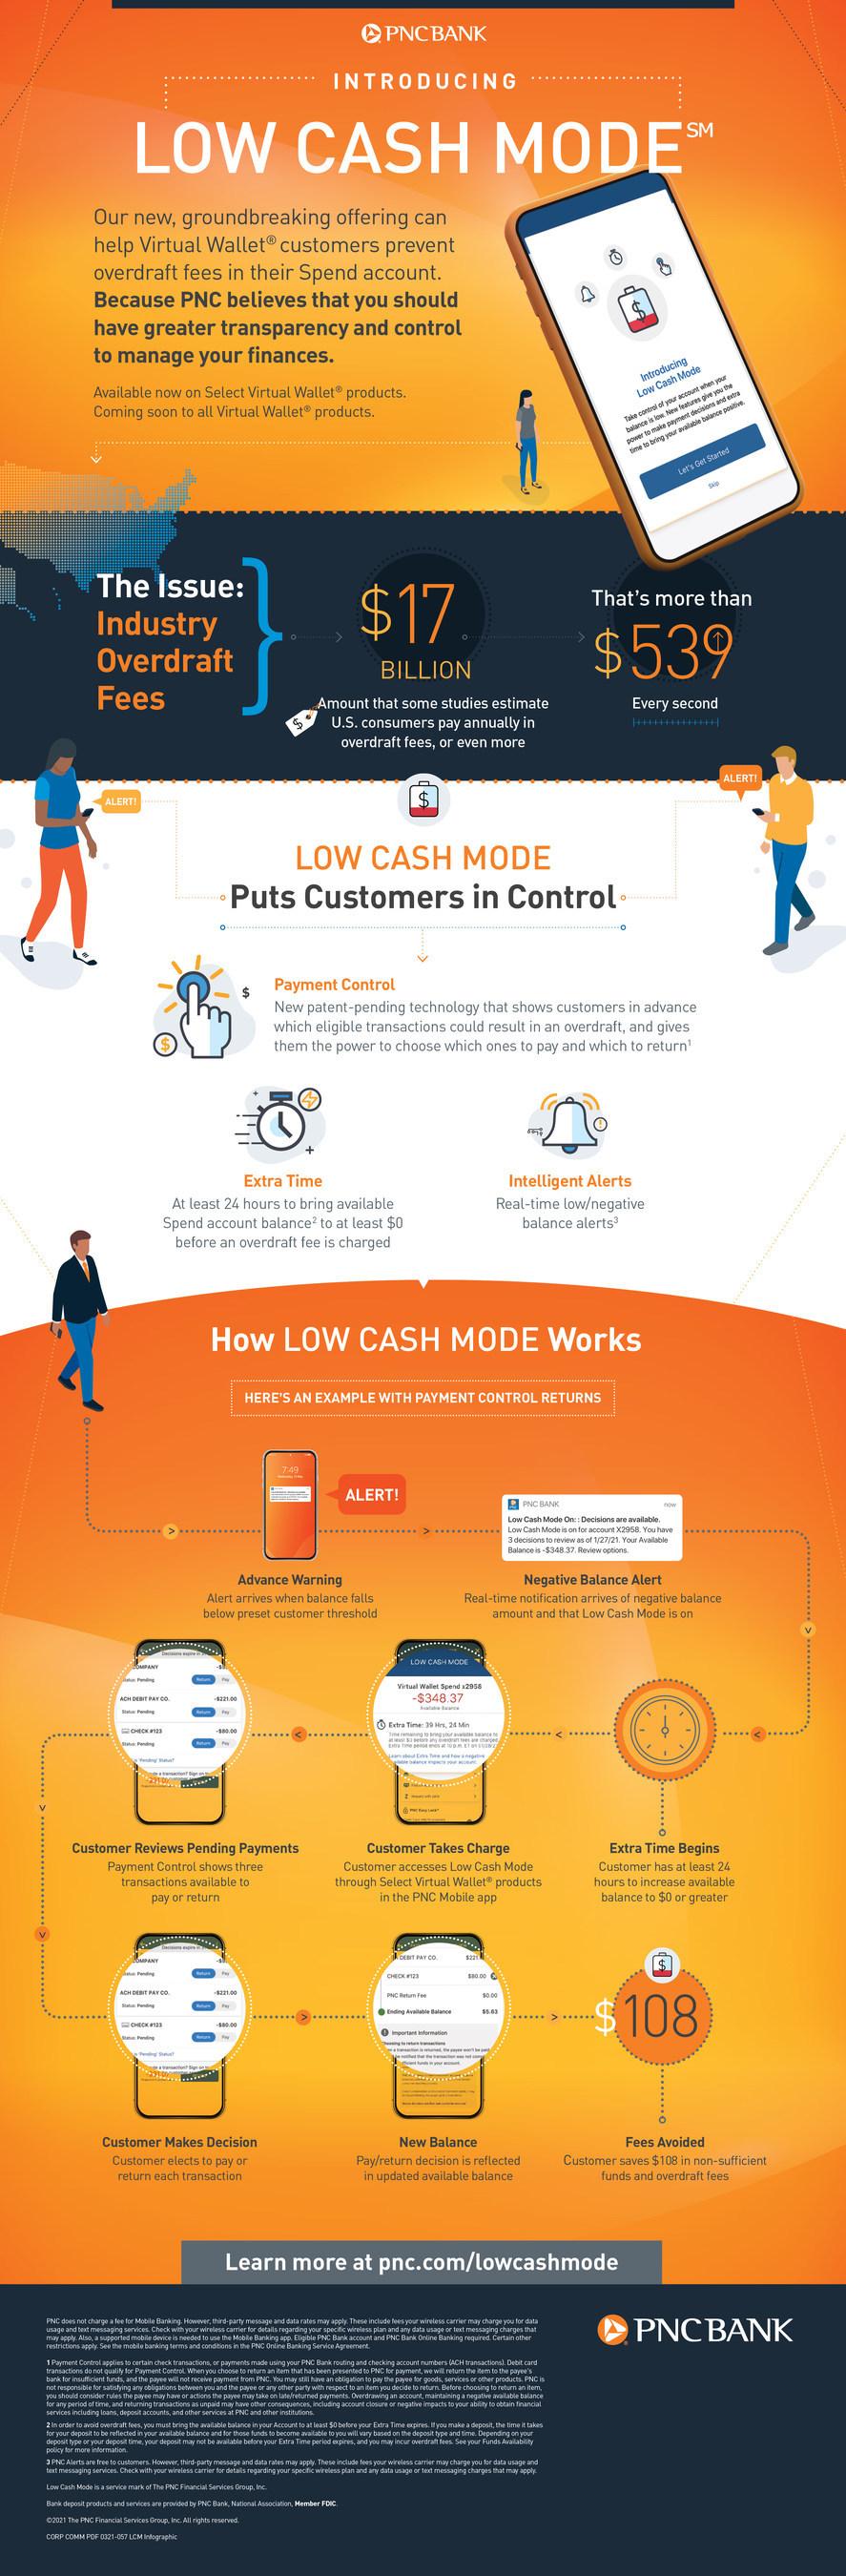 PNC low cash mode infographic